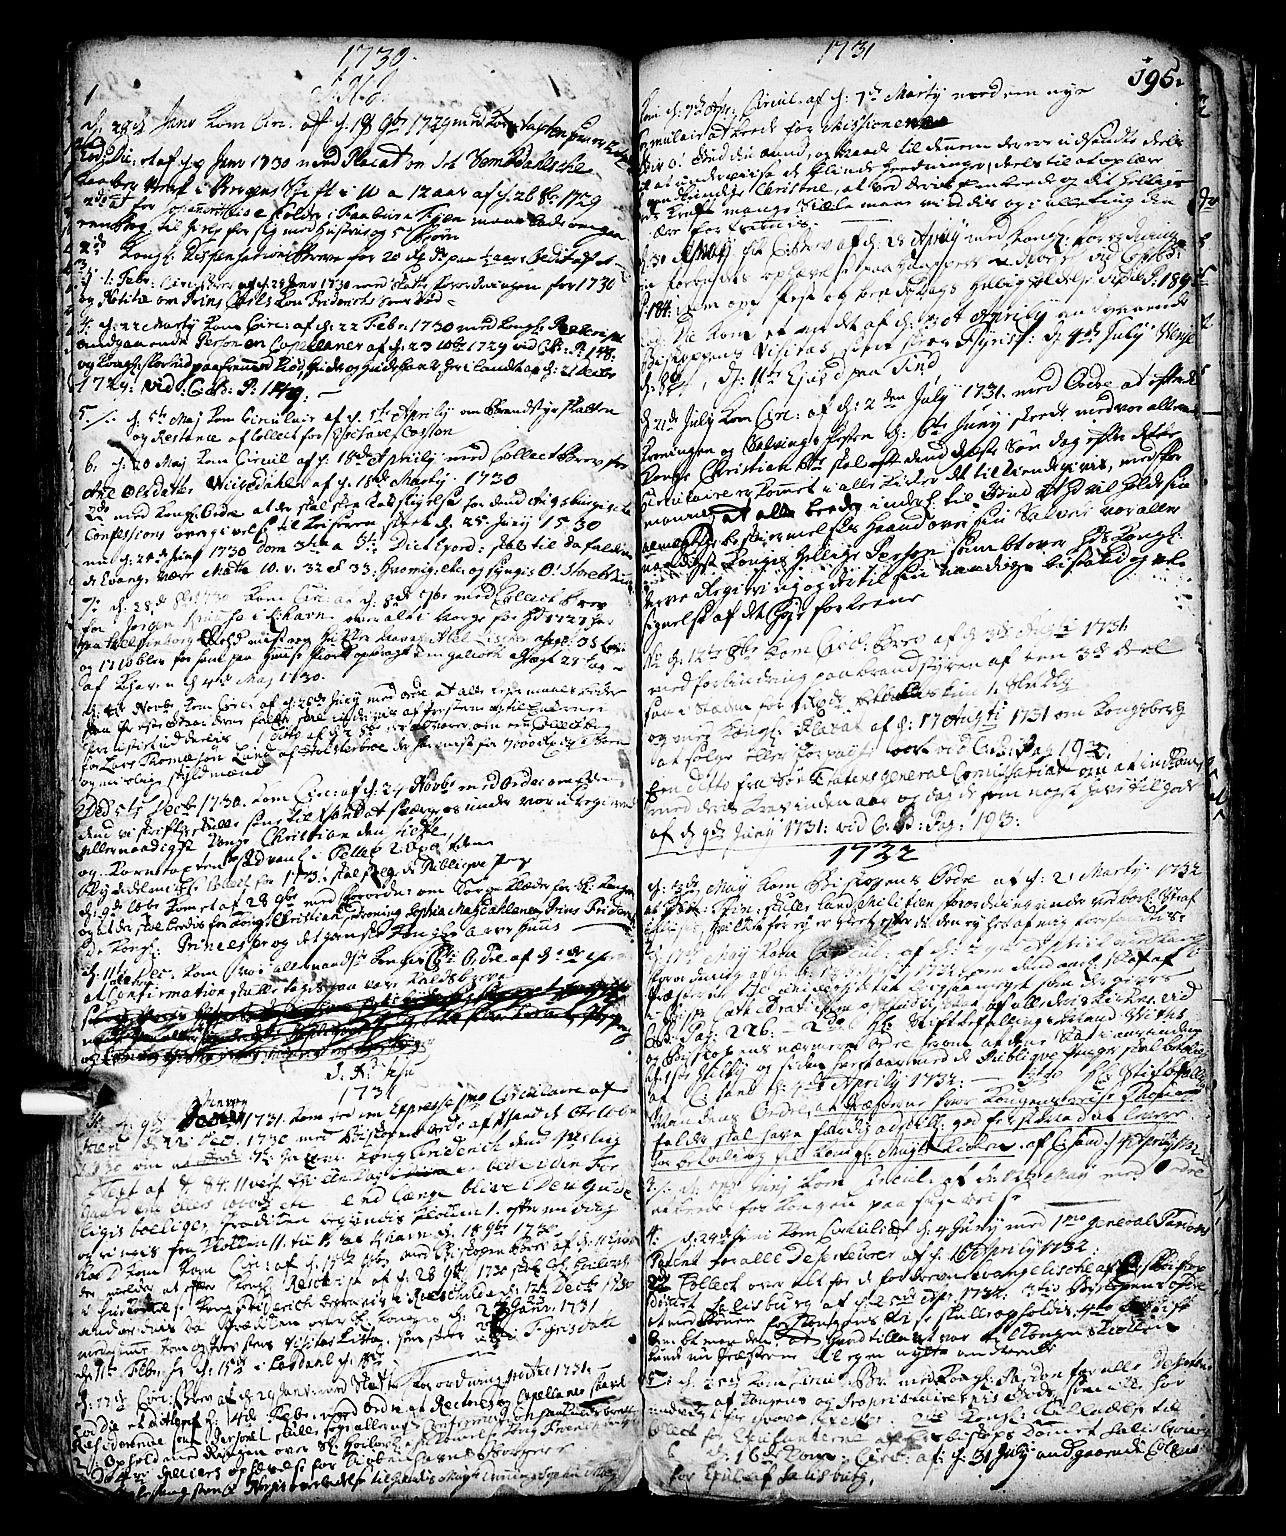 SAKO, Vinje kirkebøker, F/Fa/L0001: Ministerialbok nr. I 1, 1717-1766, s. 195